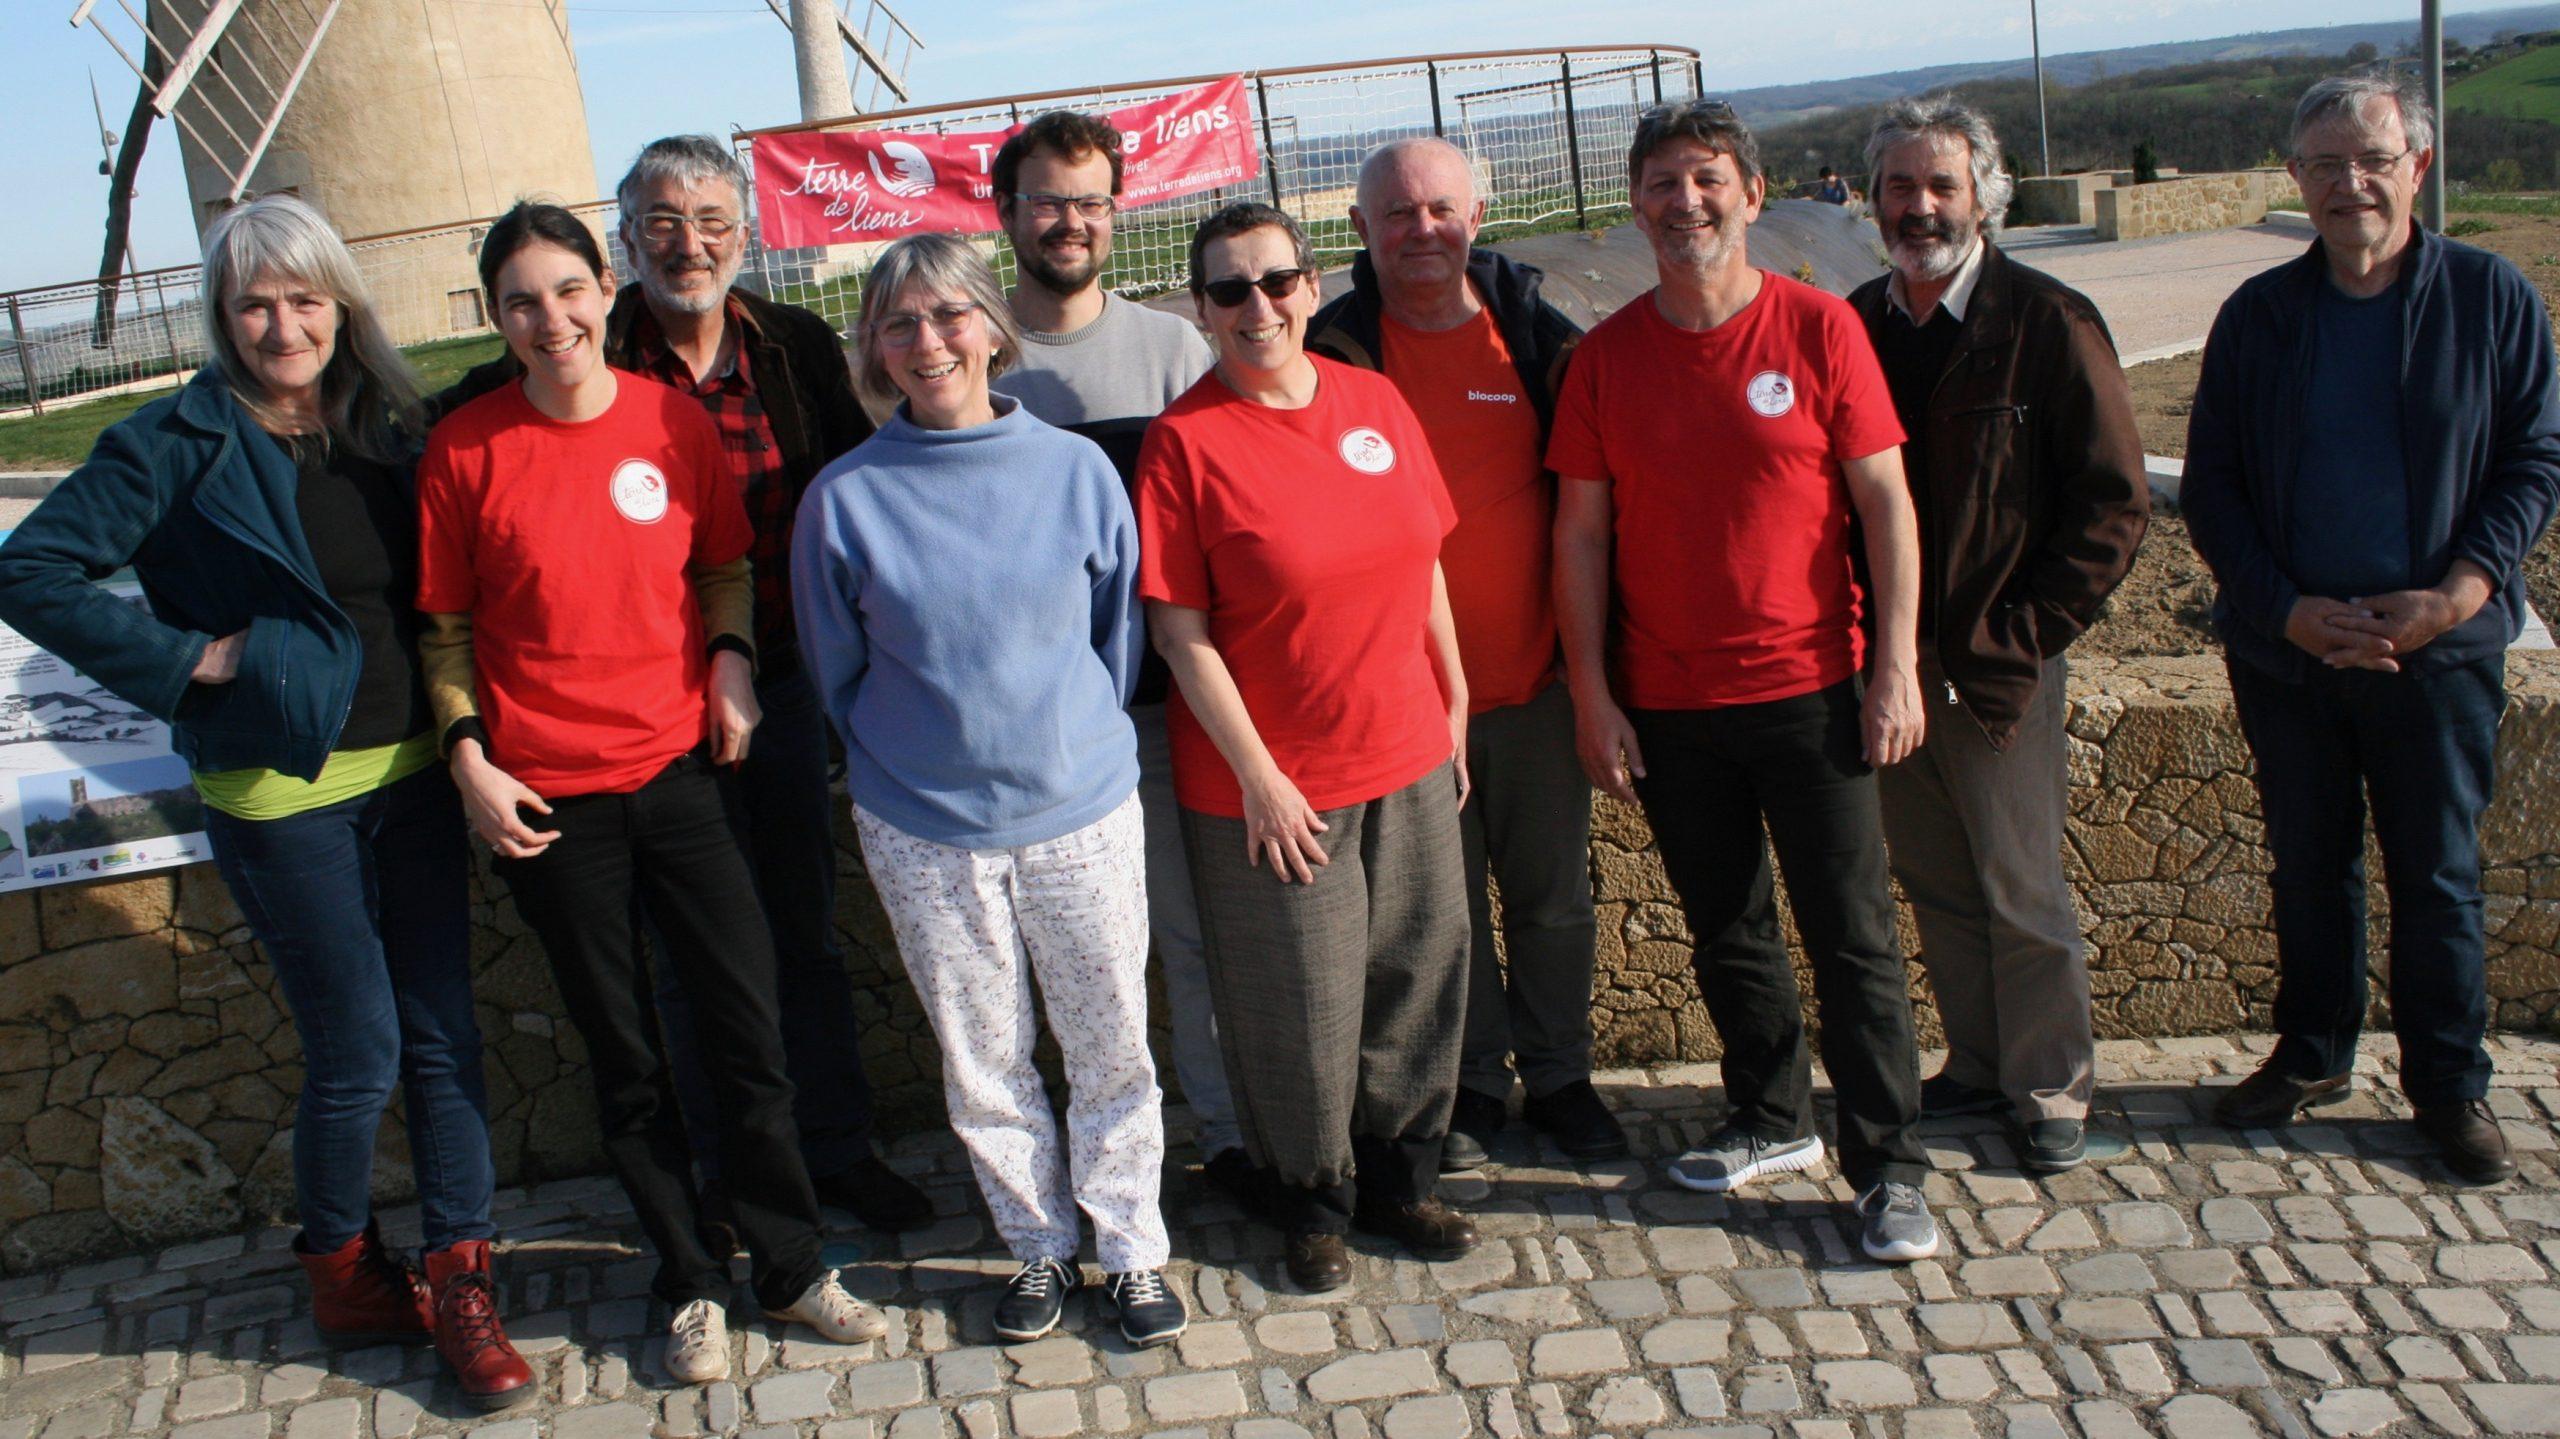 Candidatures au Conseil d'administration Terre de Liens Midi Pyrénées pour 2021